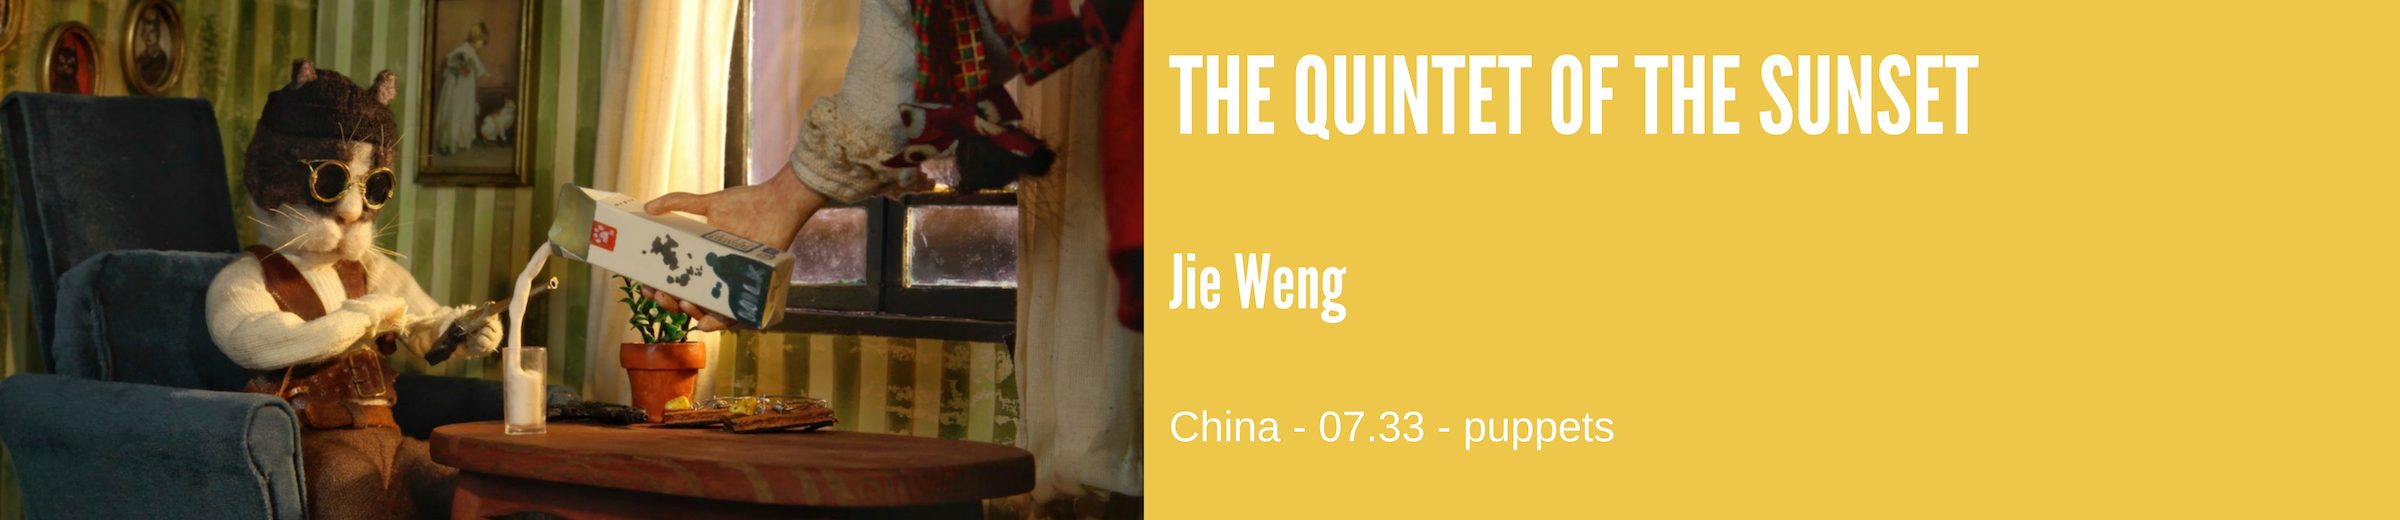 the quintet